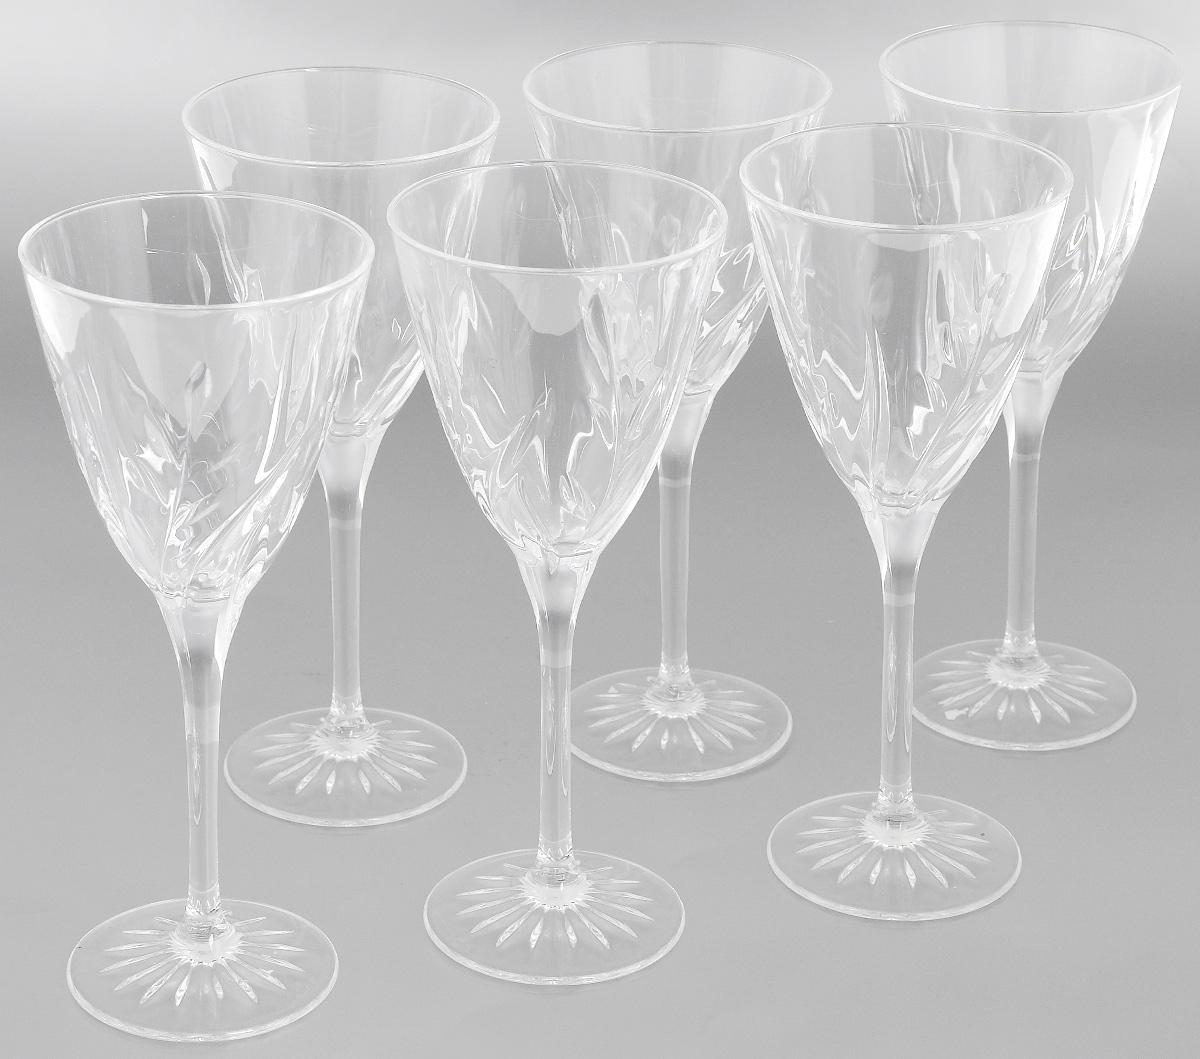 Набор фужеров Cristal dArques Cassandra, 240 мл, 6 штG5634Набор Cristal dArques Cassandra состоит из шести фужеров, выполненных из прочного стекла. Изделия оснащены высокими ножками и предназначены для подачи различных напитков. Они сочетают в себе элегантный дизайн и функциональность. Благодаря такому набору пить напитки будет еще вкуснее. Набор фужеров Cristal dArques Cassandra прекрасно оформит праздничный стол и создаст приятную атмосферу за романтическим ужином. Такой набор также станет хорошим подарком к любому случаю. Диаметр фужера (по верхнему краю): 8,7 см. Диаметр основания: 7 см. Высота фужера: 21 см.